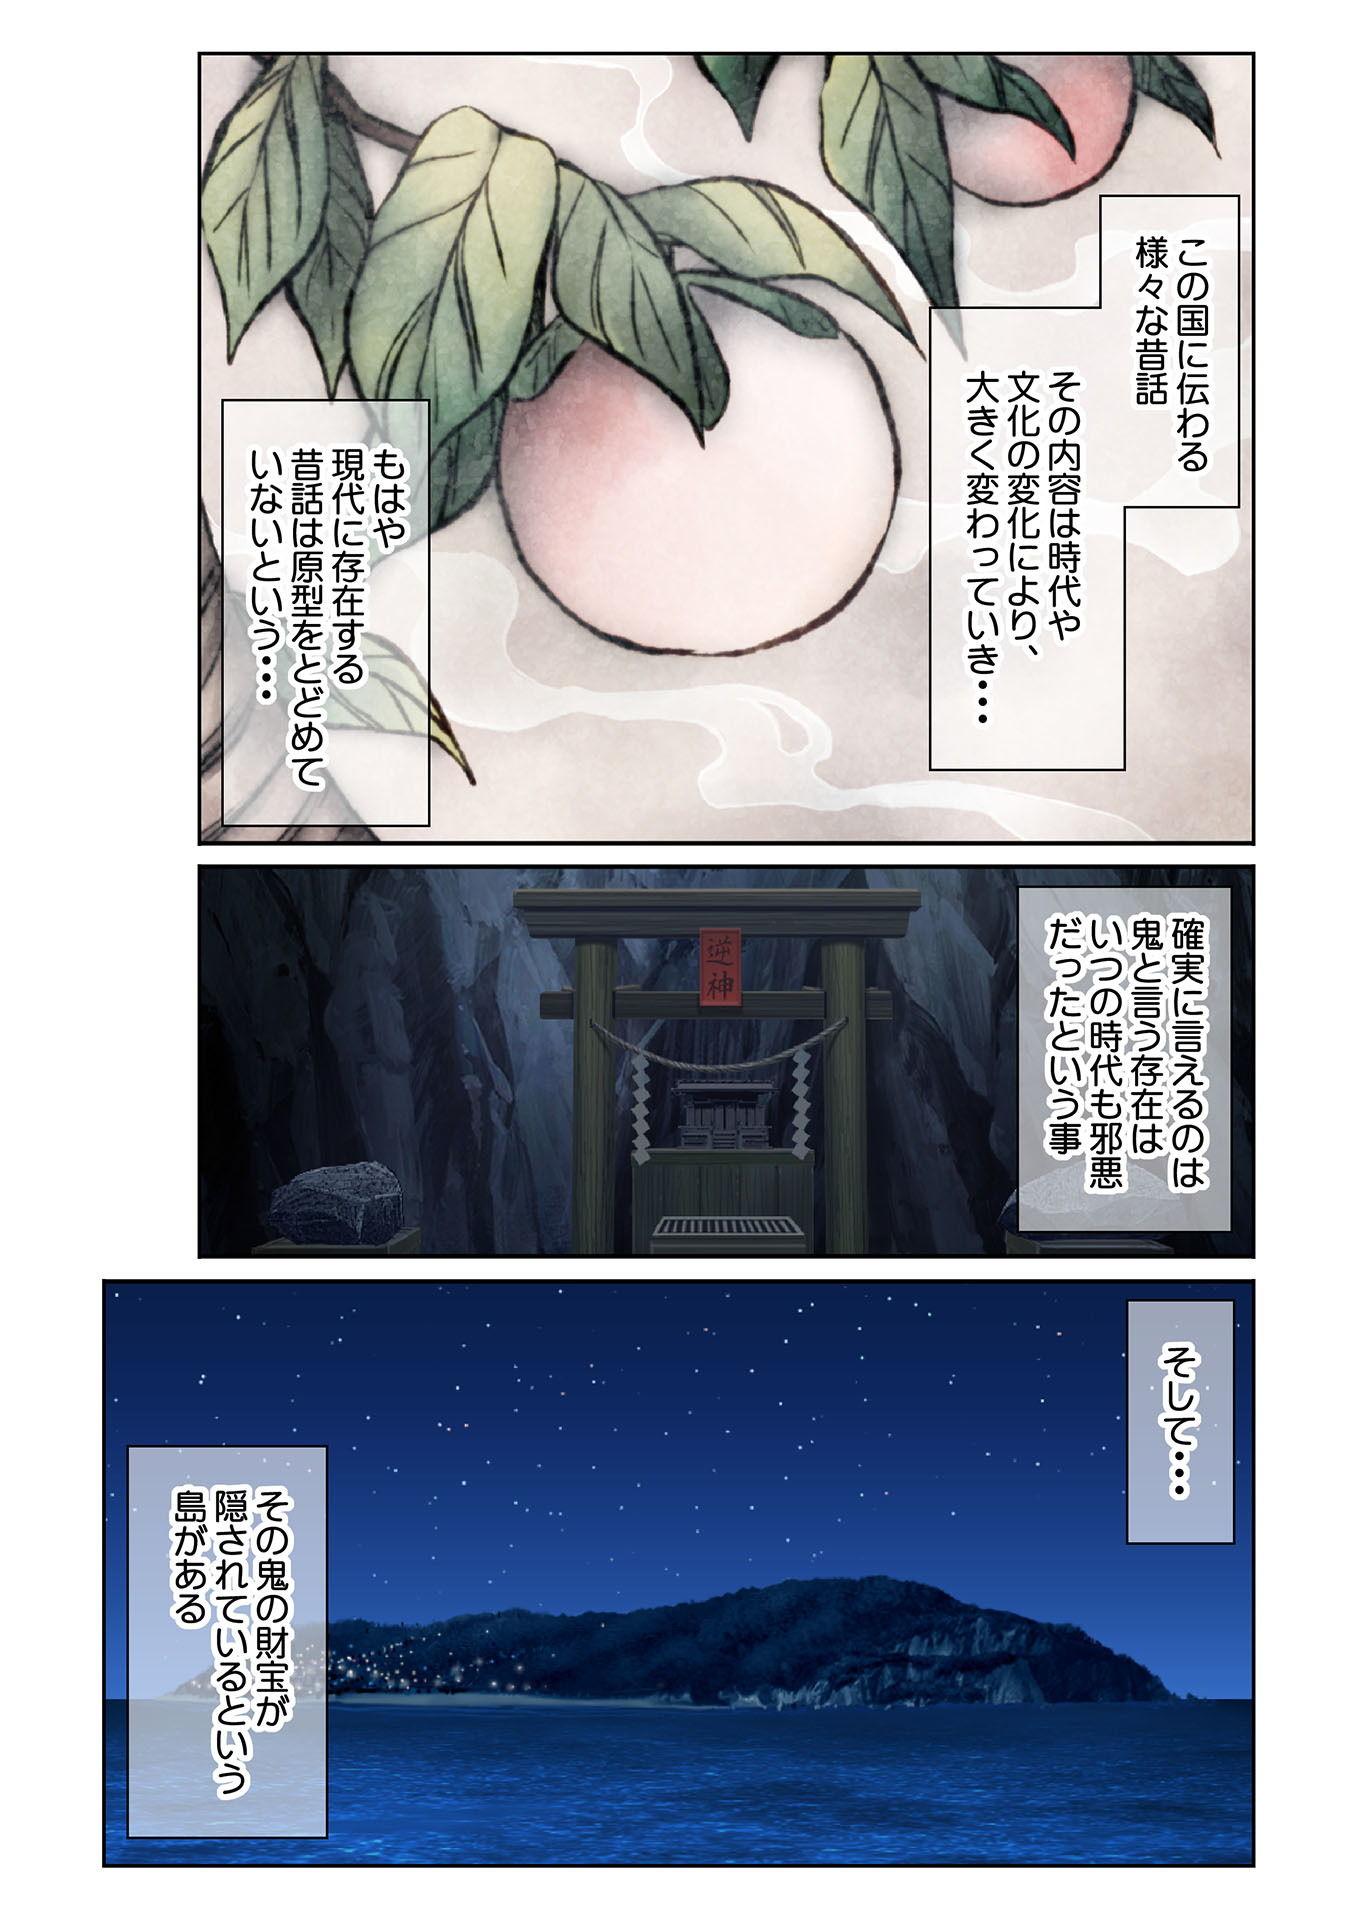 転生ハーレム 〜あなたの肉棒で退治して?〜(1) フルカラーコミック版